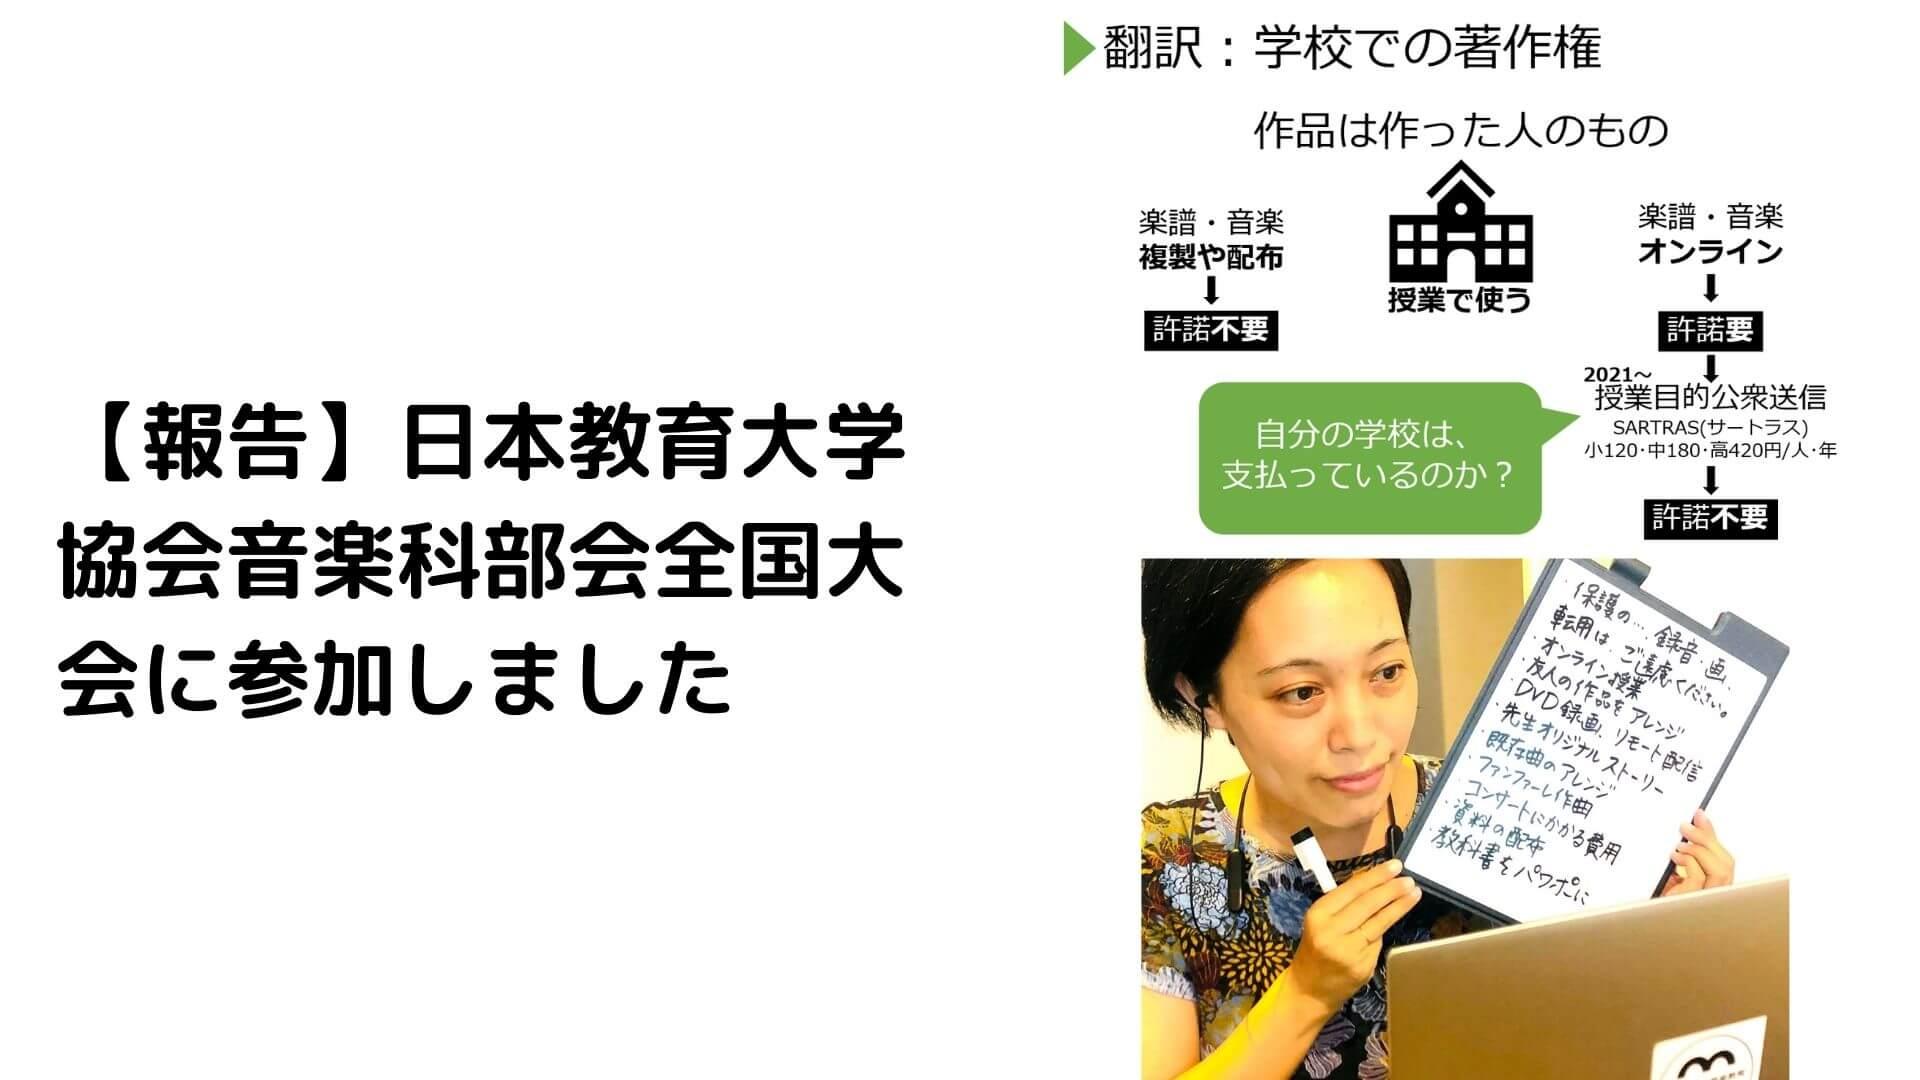 【報告】日本教育大学協会音楽科部会全国大会に参加しました